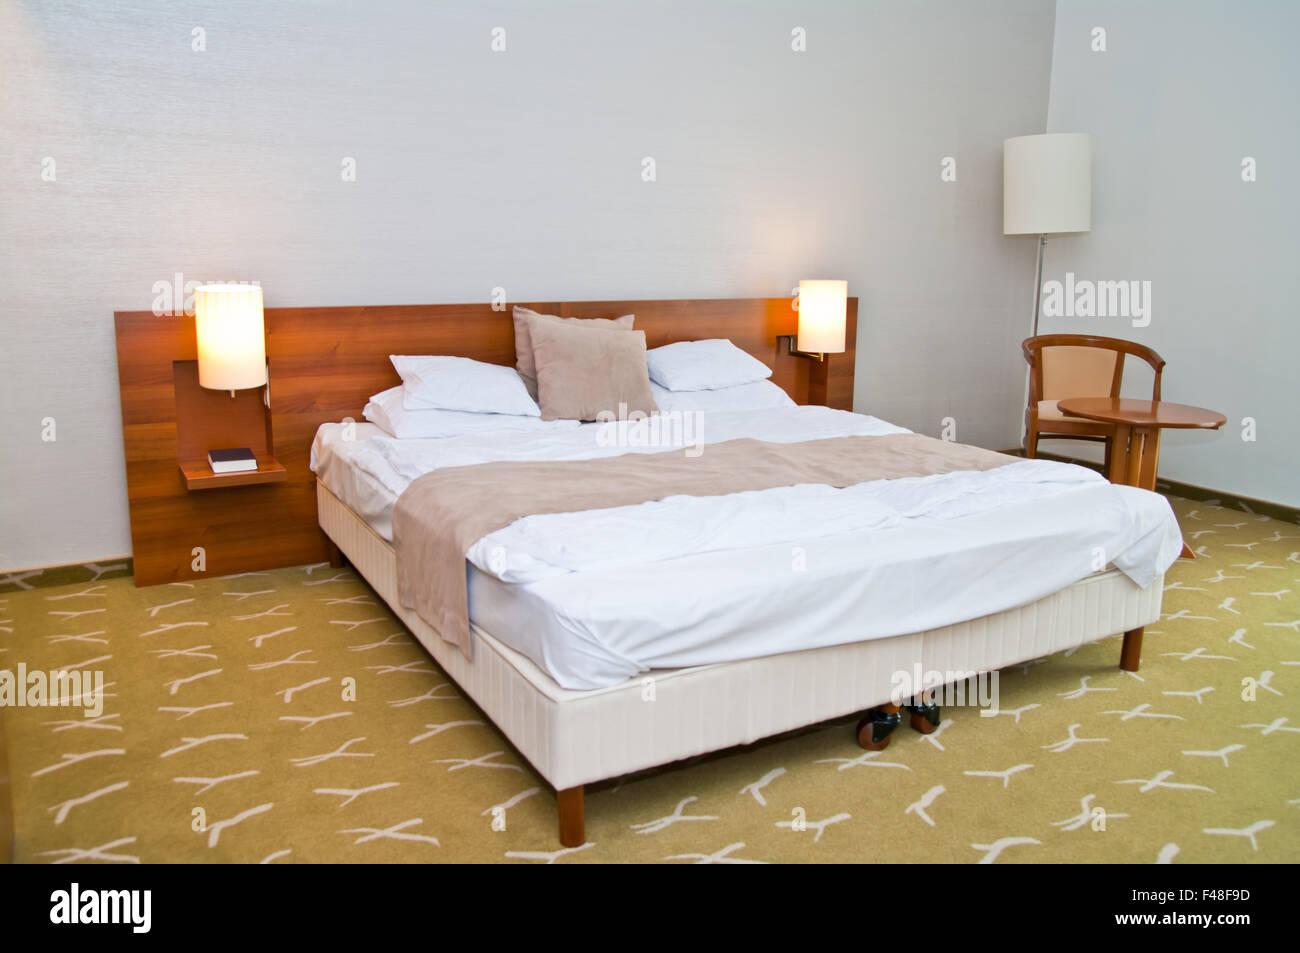 Grande letto per rilassarsi rilassarsi dormire, hotel moderno camera. Immagini Stock